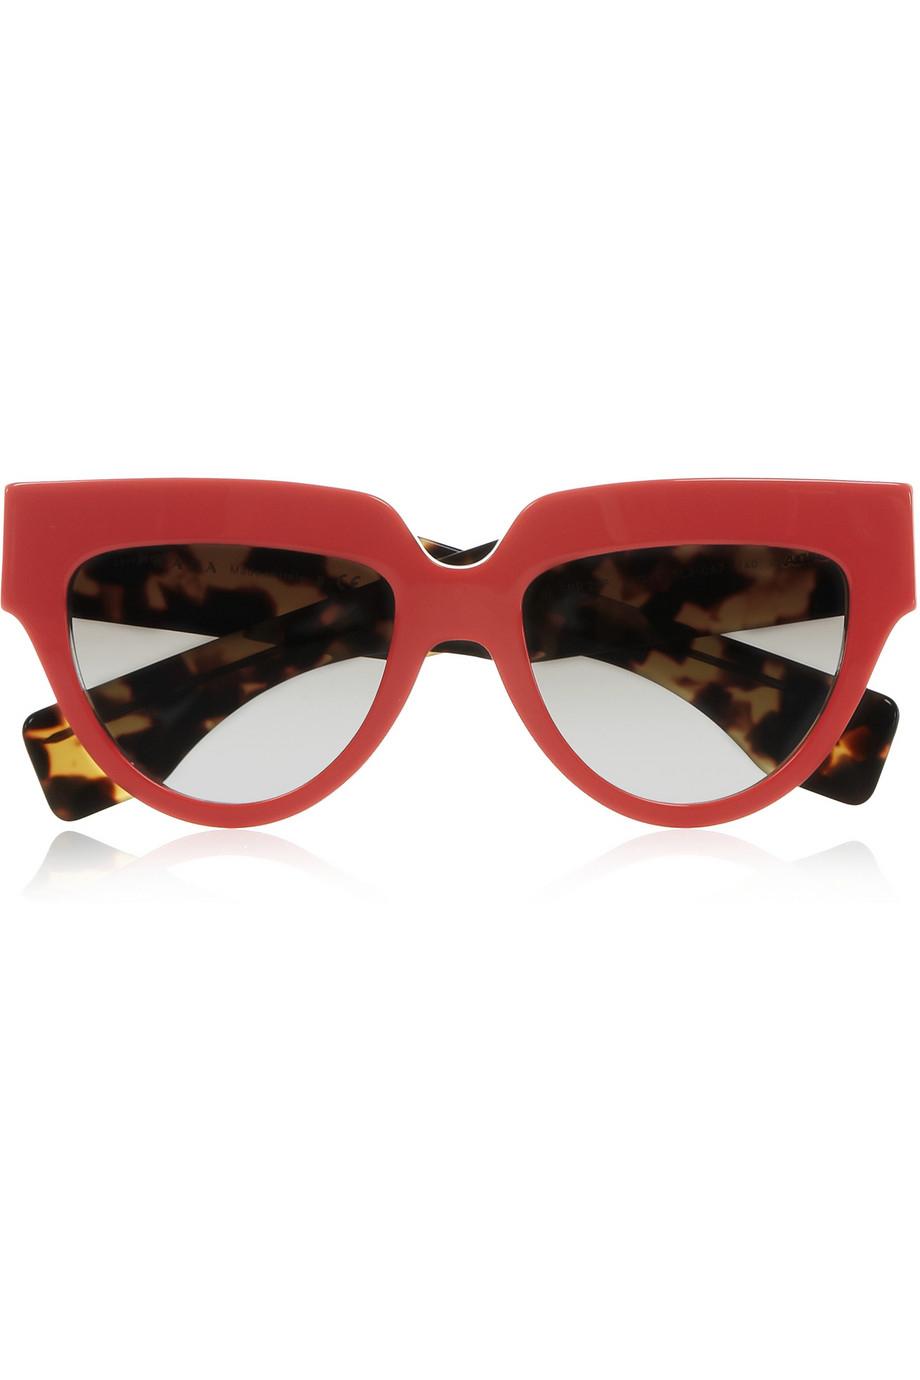 spot fake prada bag - Prada Cat Eye Acetate Sunglasses in Red | Lyst